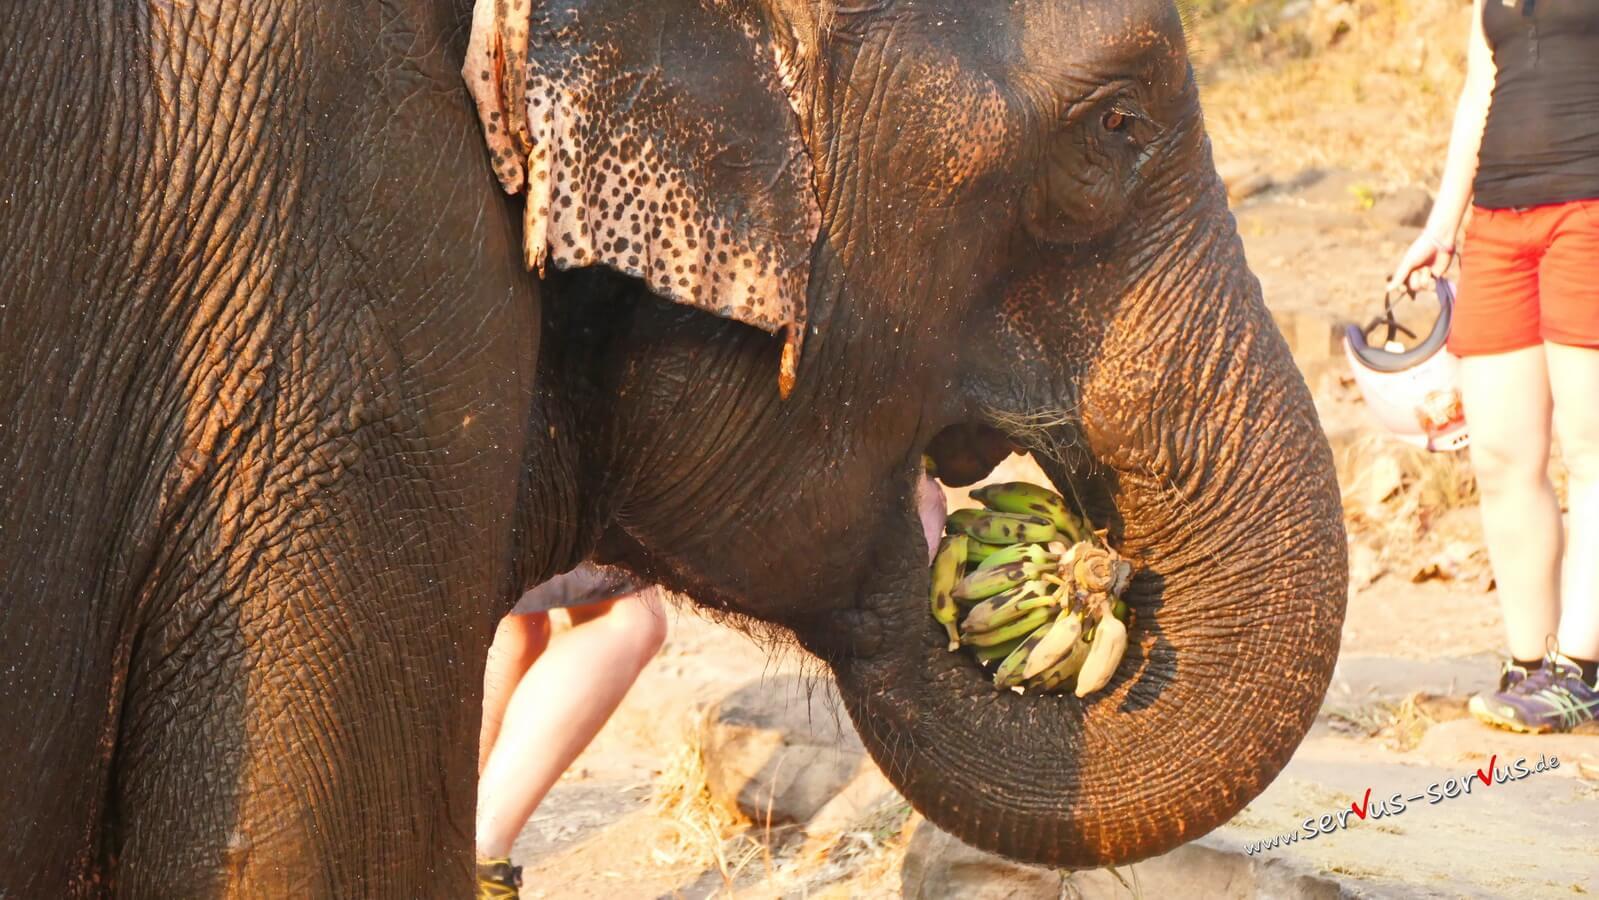 Elefant mit Bananen, Laos, Bolavenplateau